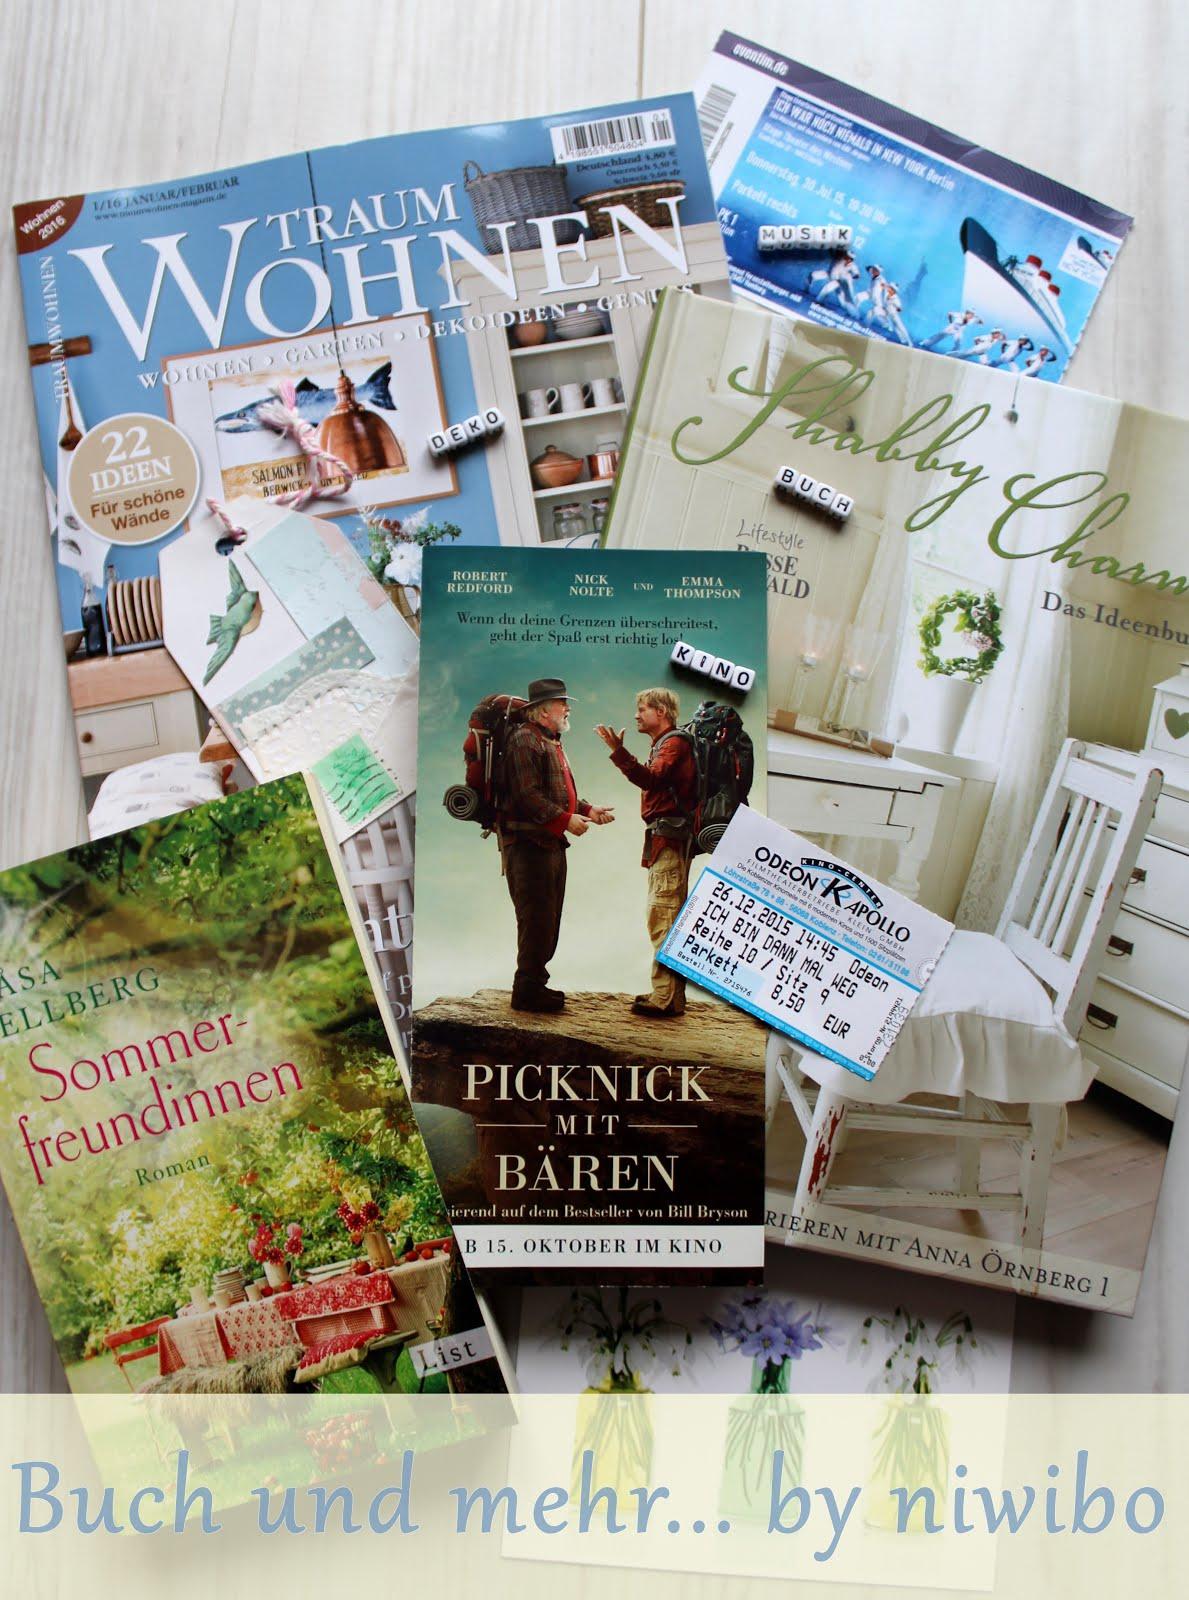 Bücher und mehr...